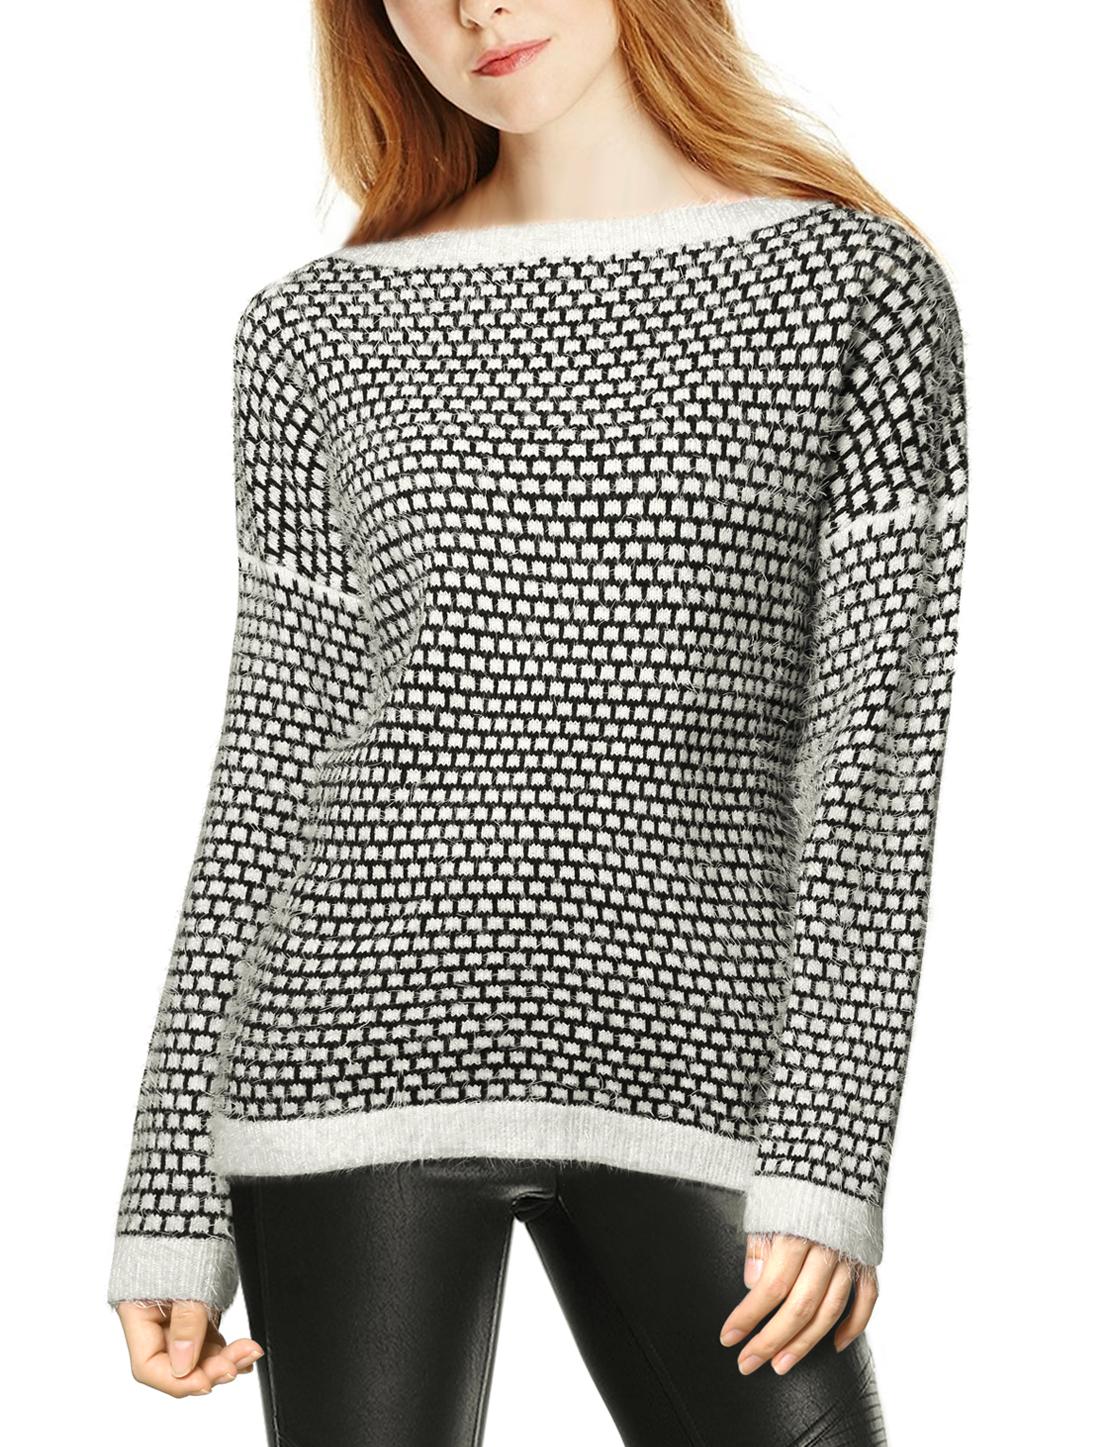 Women Long Sleeve Boat Neck Plaids Loose Fit Knitwear Sweater Black L